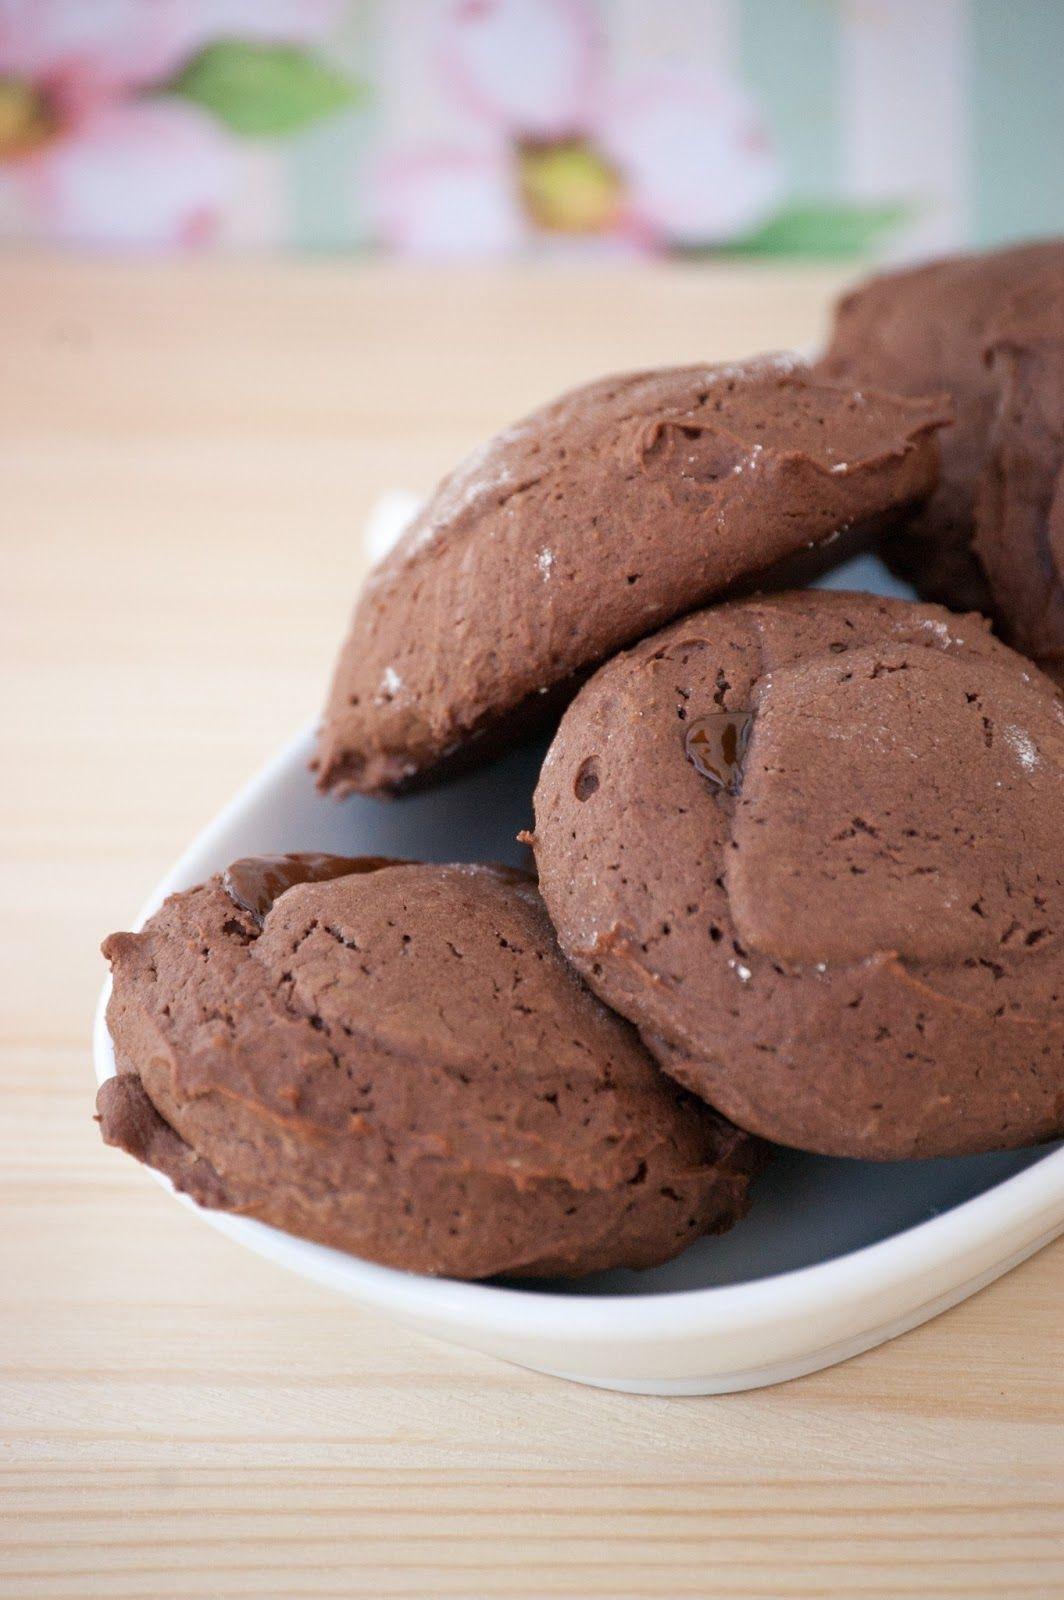 Pregunta retórica a la de tres: ¿Hay algo mejor que unas galletas de chocolate? Pues evidentemente, sí. ¡¡Unas galletas de chocolate rellen...